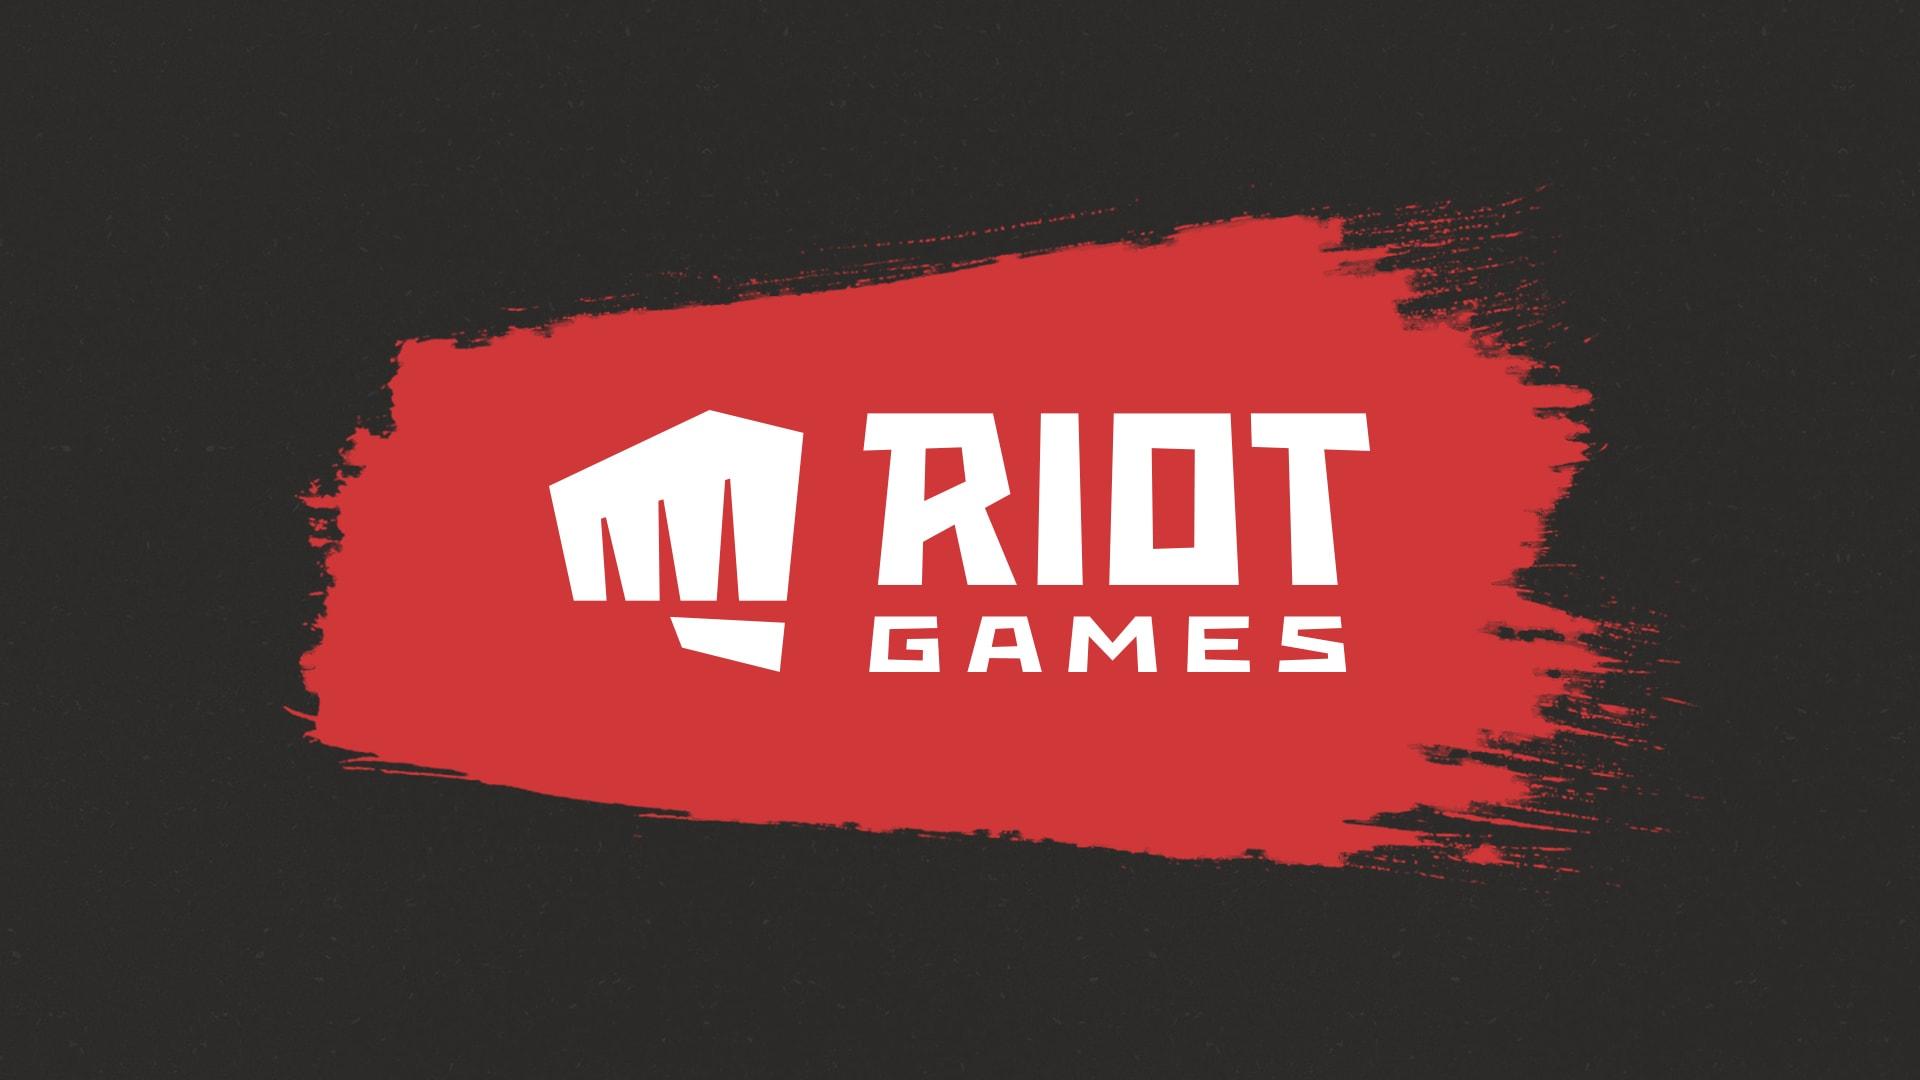 Riot Games отпразднует начало сезона 2021 года на онлайн-трансляции по League of Legends